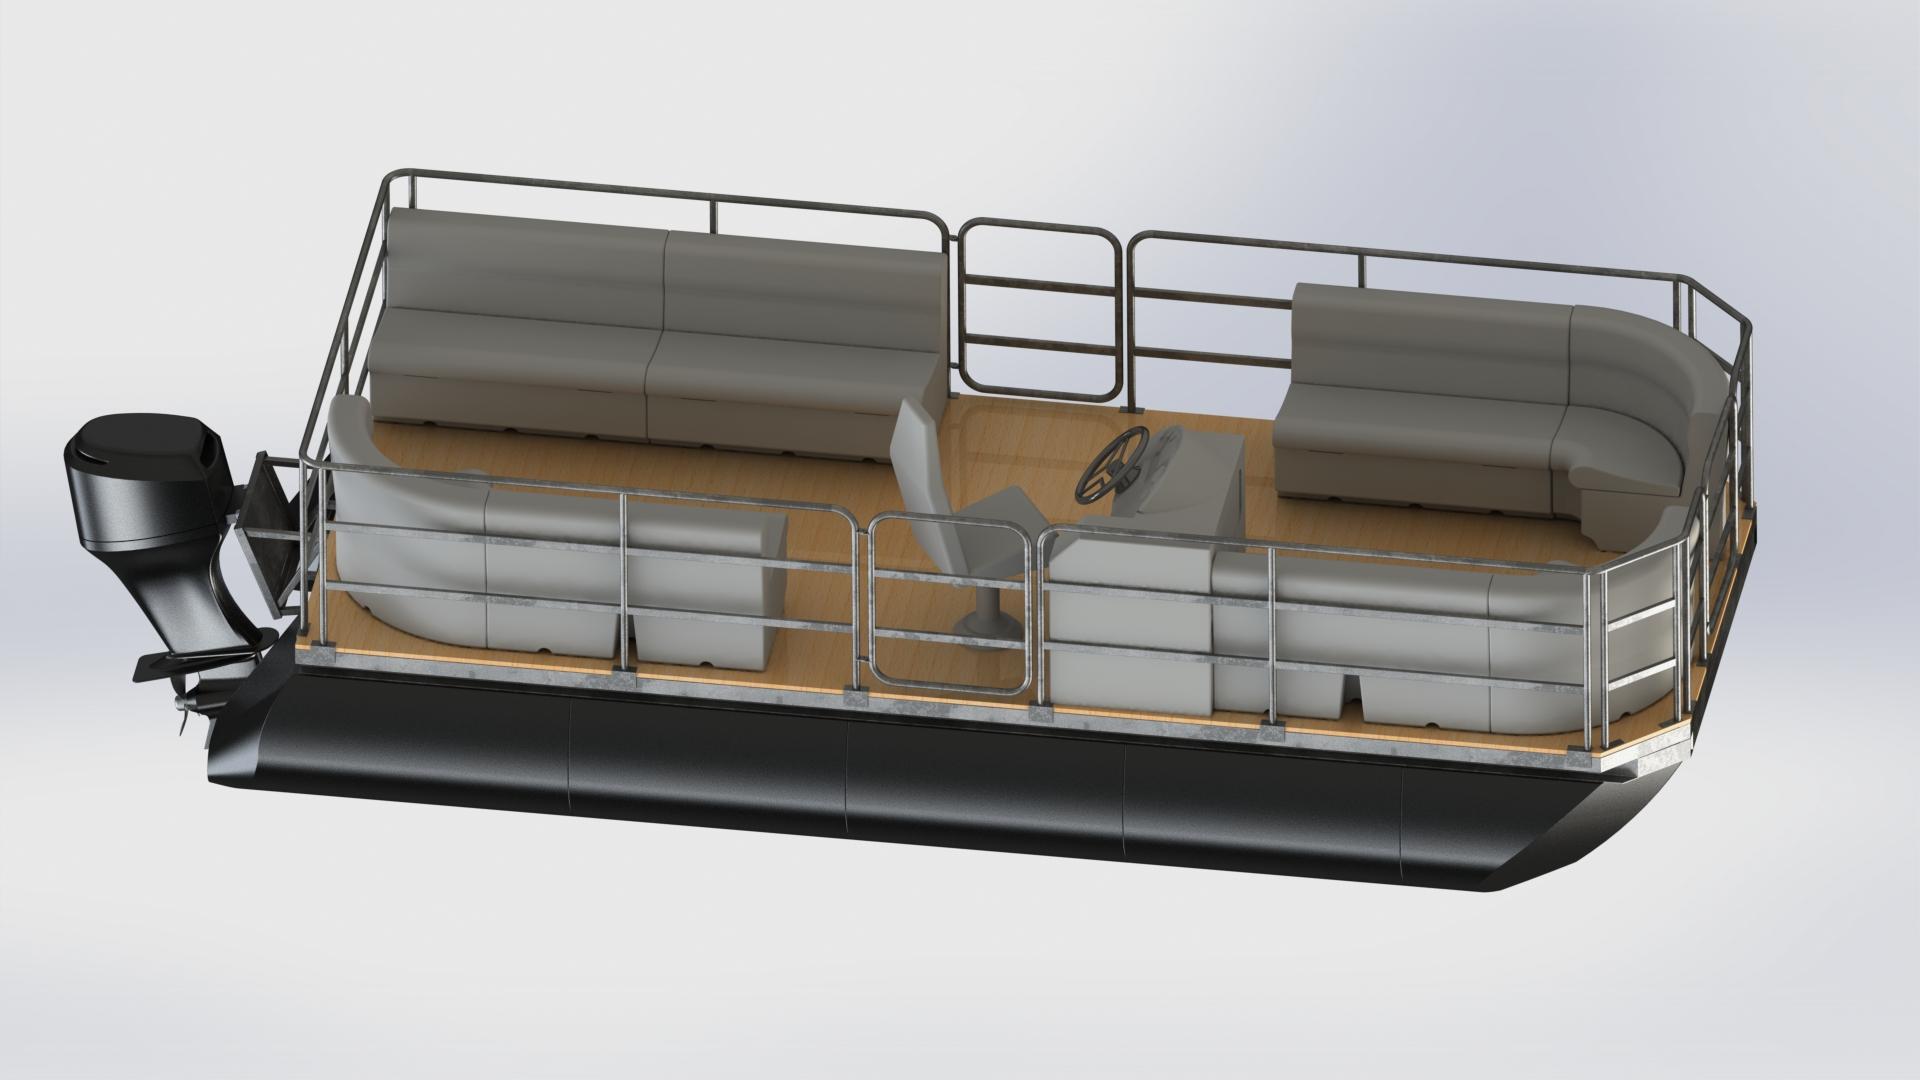 Gotowe łodzie pontonowe